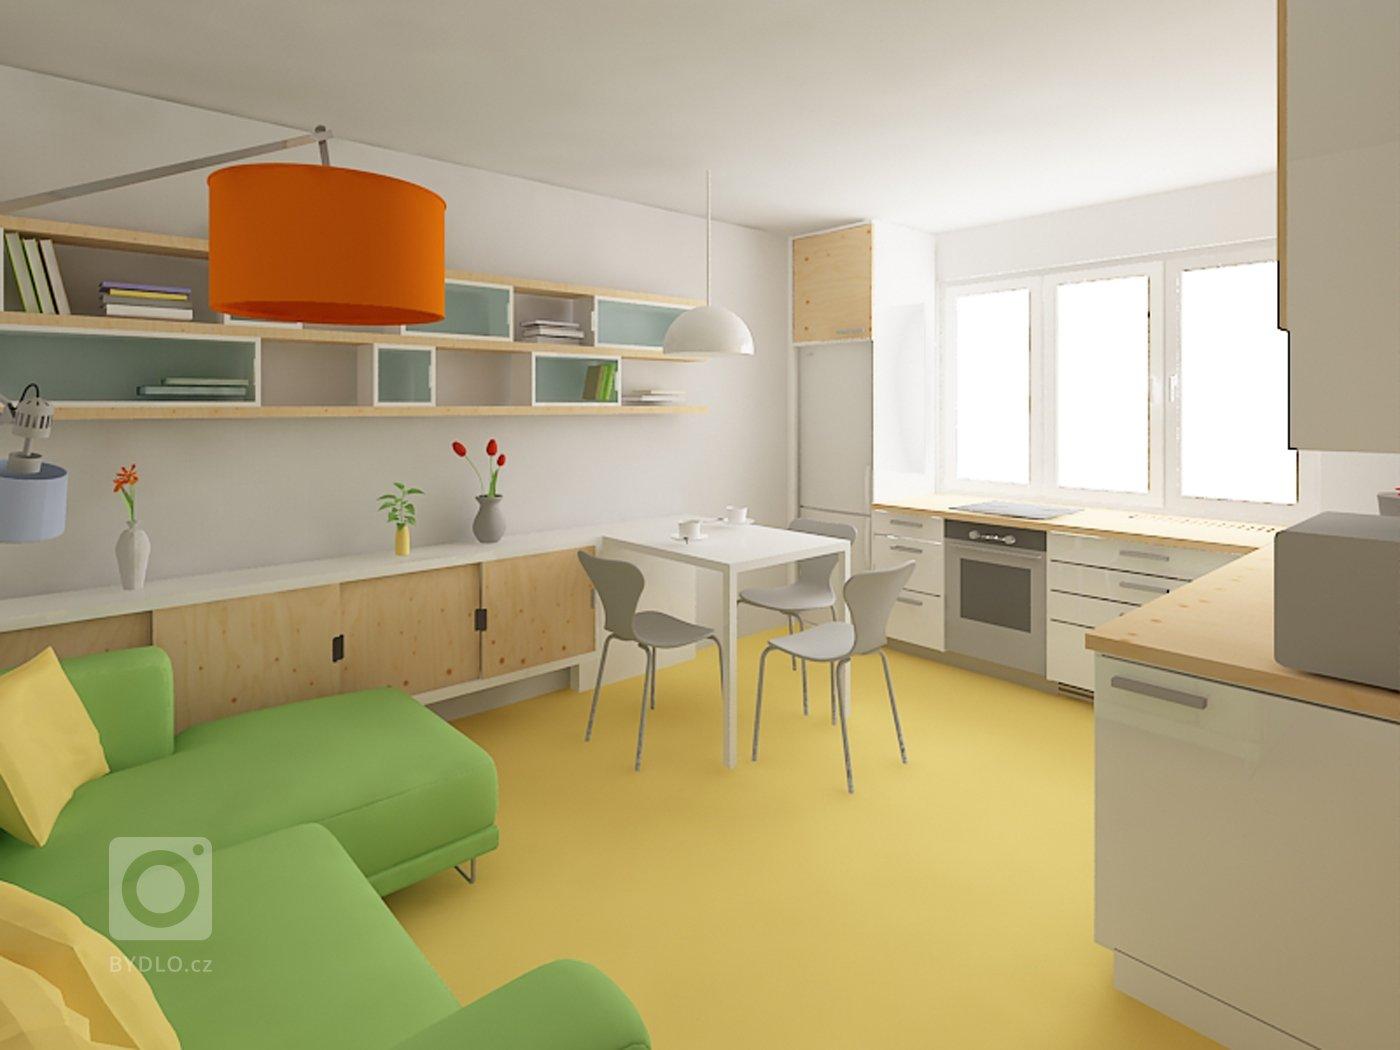 Změna dispozice bytu z 2+1 na 3KK  Koncepce: - zvětšení prostoru předsíně a jeho prosvětlení přes koupelnu - zvětšení koupelny - pracovna/pokoj pro hosty…